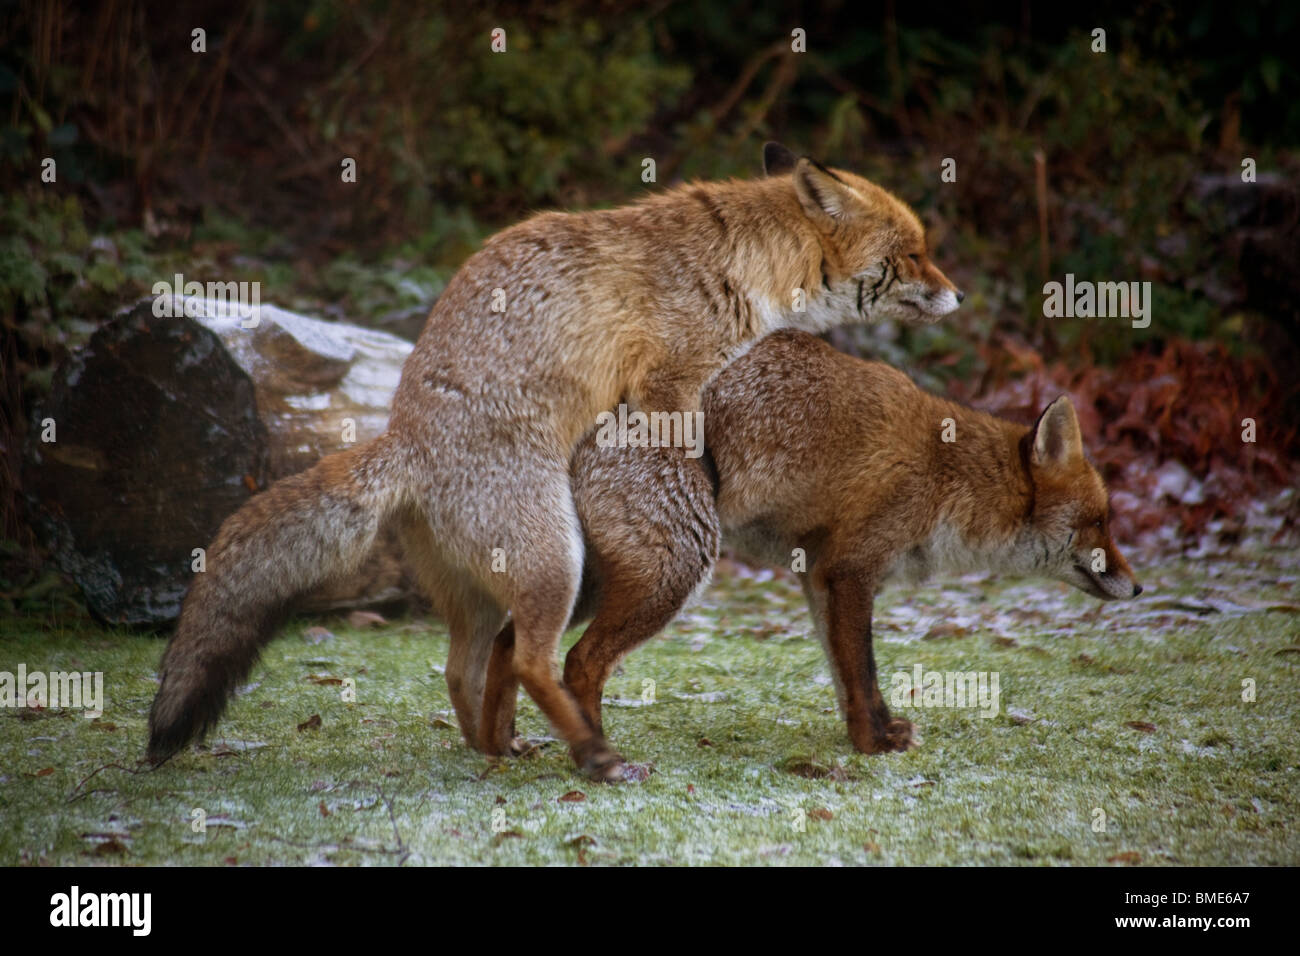 MATING FOXES KENT GARDEN UNITED KINGDOM WILDLIFE WILD